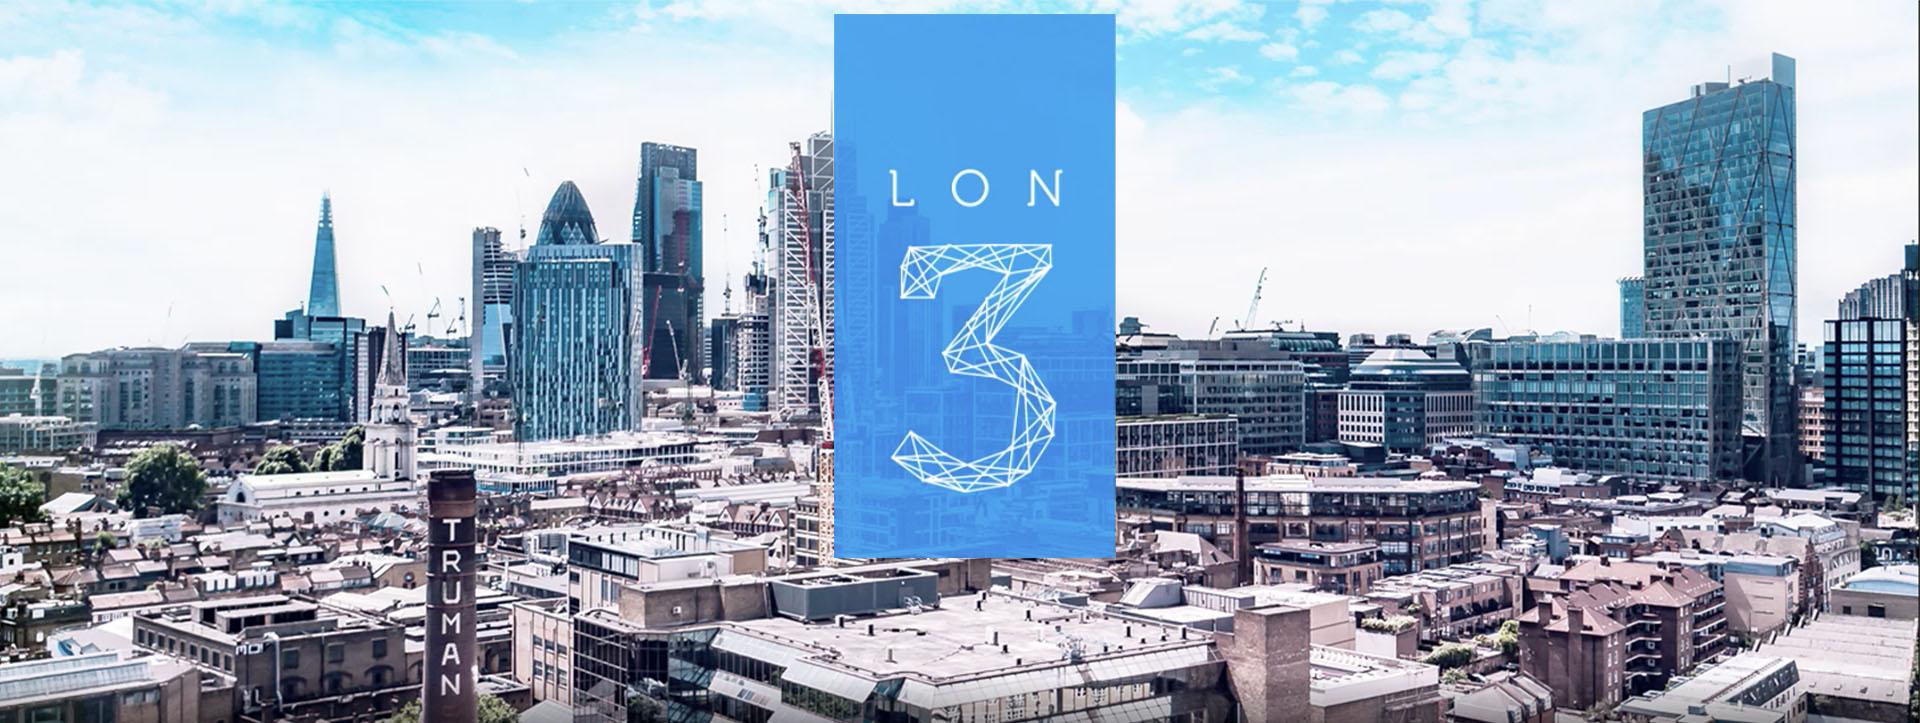 Lon3 - London Data Centre